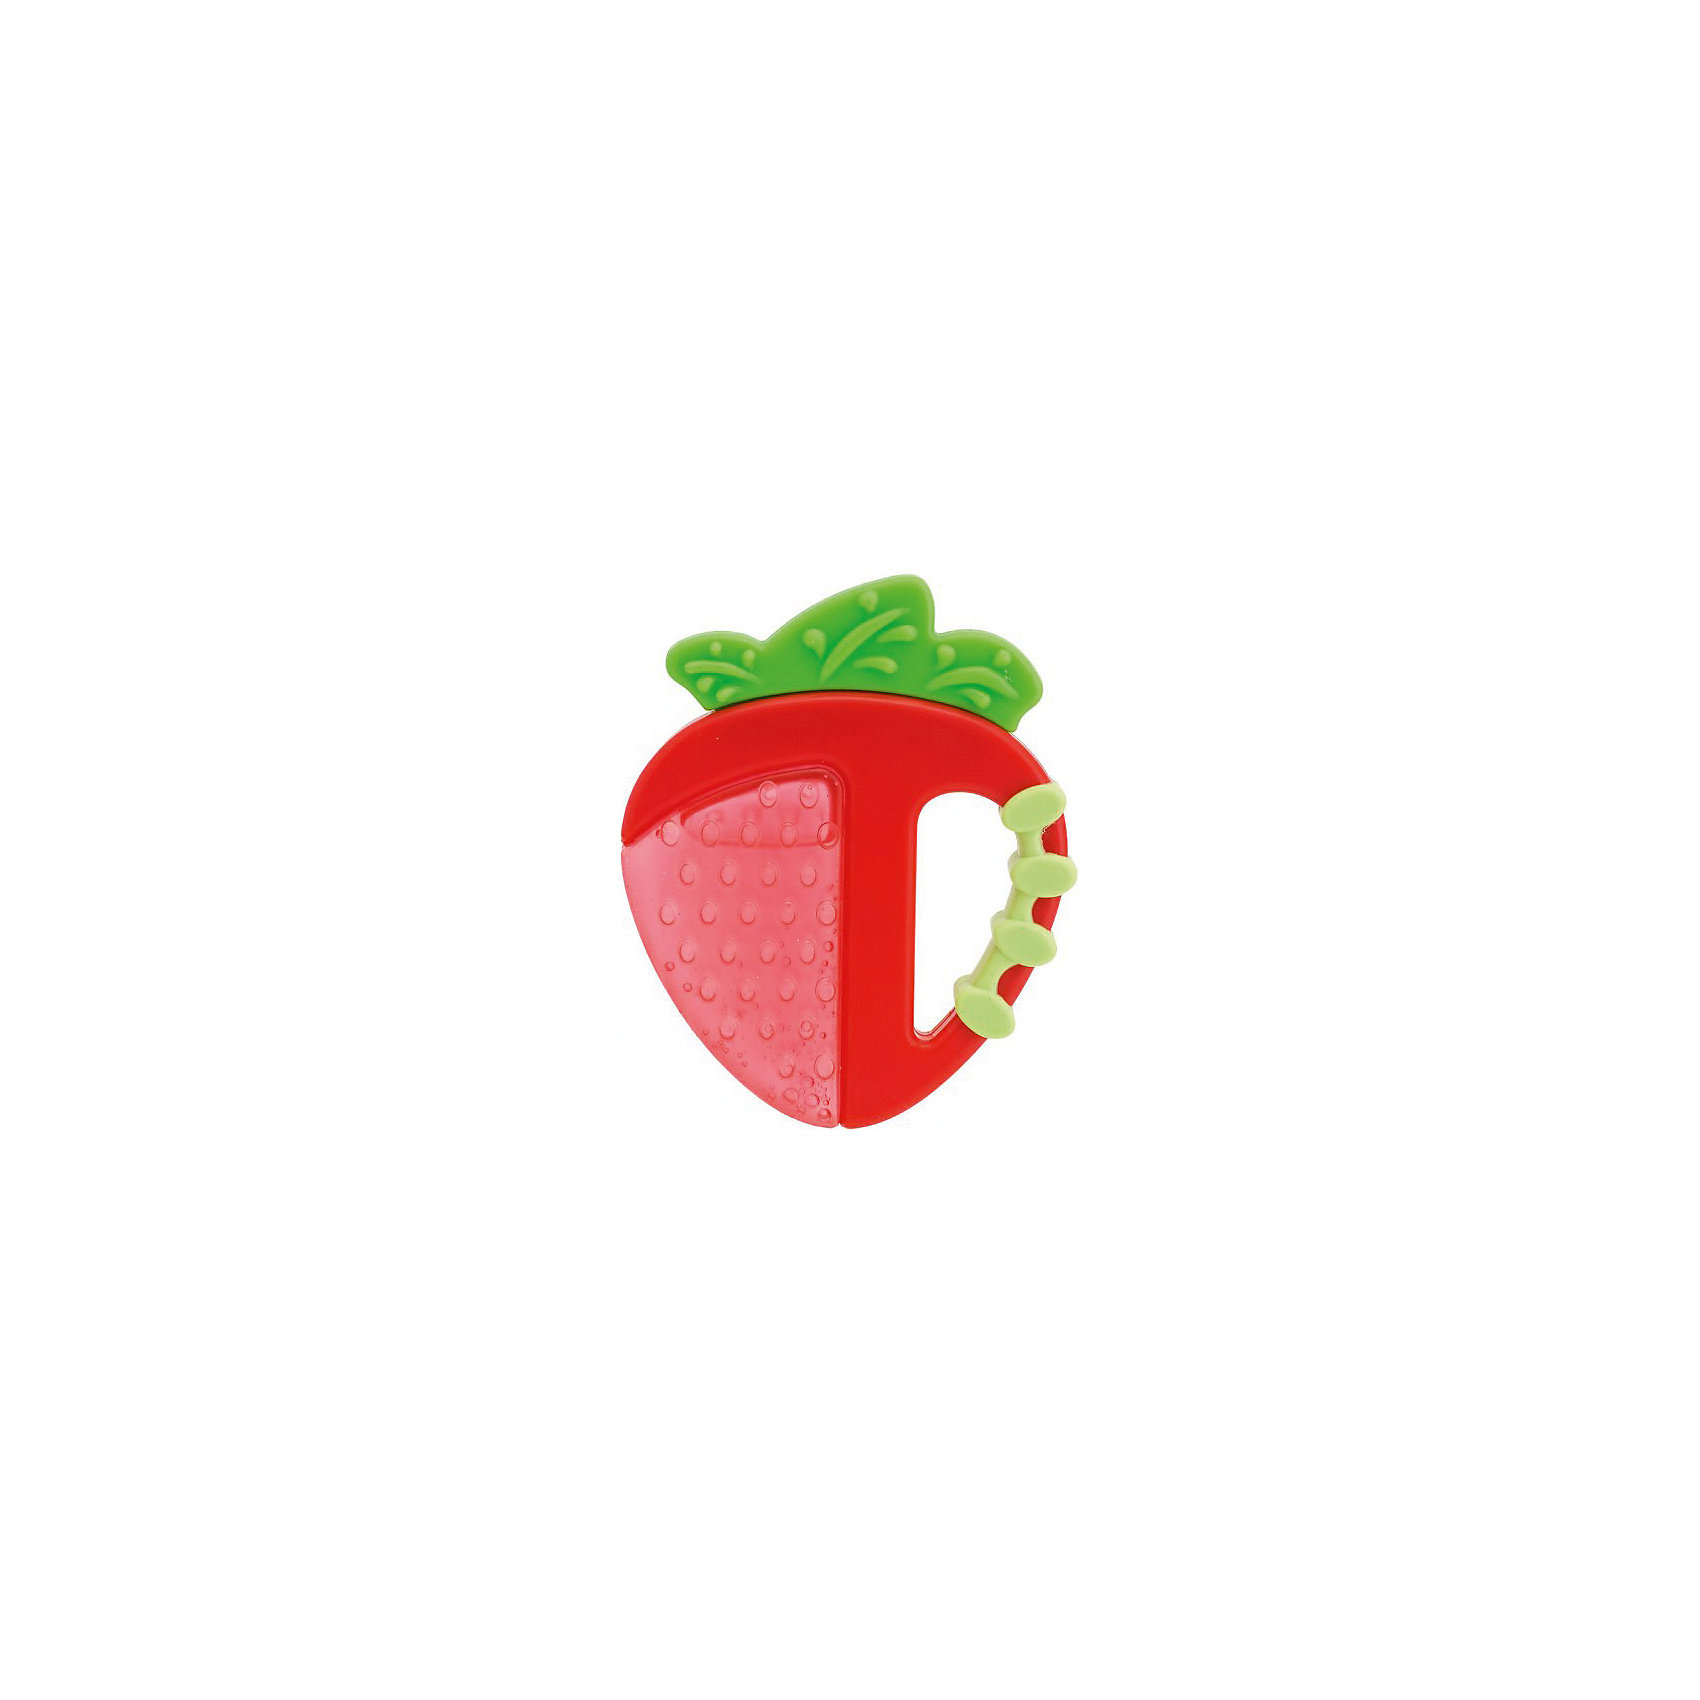 Прорезыватель-игрушка Fresh Relax Фрукты 4мес.+,CHICCO, КлубничкаПрорезыватель-игрушка Fresh Relax Фрукты,Клубничка,4мес.+  <br><br>Прорезыватель с охлаждающим эффектом - просто необходим каждому малышу! Он разработан специально для стимулирования десен и устранения болезненных ощущений во время прорезывания самых первых зубок. В клубничке находится вода, она остается холодным в течении долгого времени и способствует устранению болевых ощущений.<br><br>Дополнительная информация:<br><br>- Возраст: с 4 месяцев.<br>- Цвет: красный.<br>- Форма клубнички.<br>- Материал: силикон, пластик вода.<br>- Размер: 21x11x2 см.<br><br>Купить прорезыватель-игрушку Fresh Relax Фрукты, можно в нашем магазине.<br><br>Ширина мм: 145<br>Глубина мм: 119<br>Высота мм: 20<br>Вес г: 41<br>Возраст от месяцев: 4<br>Возраст до месяцев: 18<br>Пол: Унисекс<br>Возраст: Детский<br>SKU: 4944274